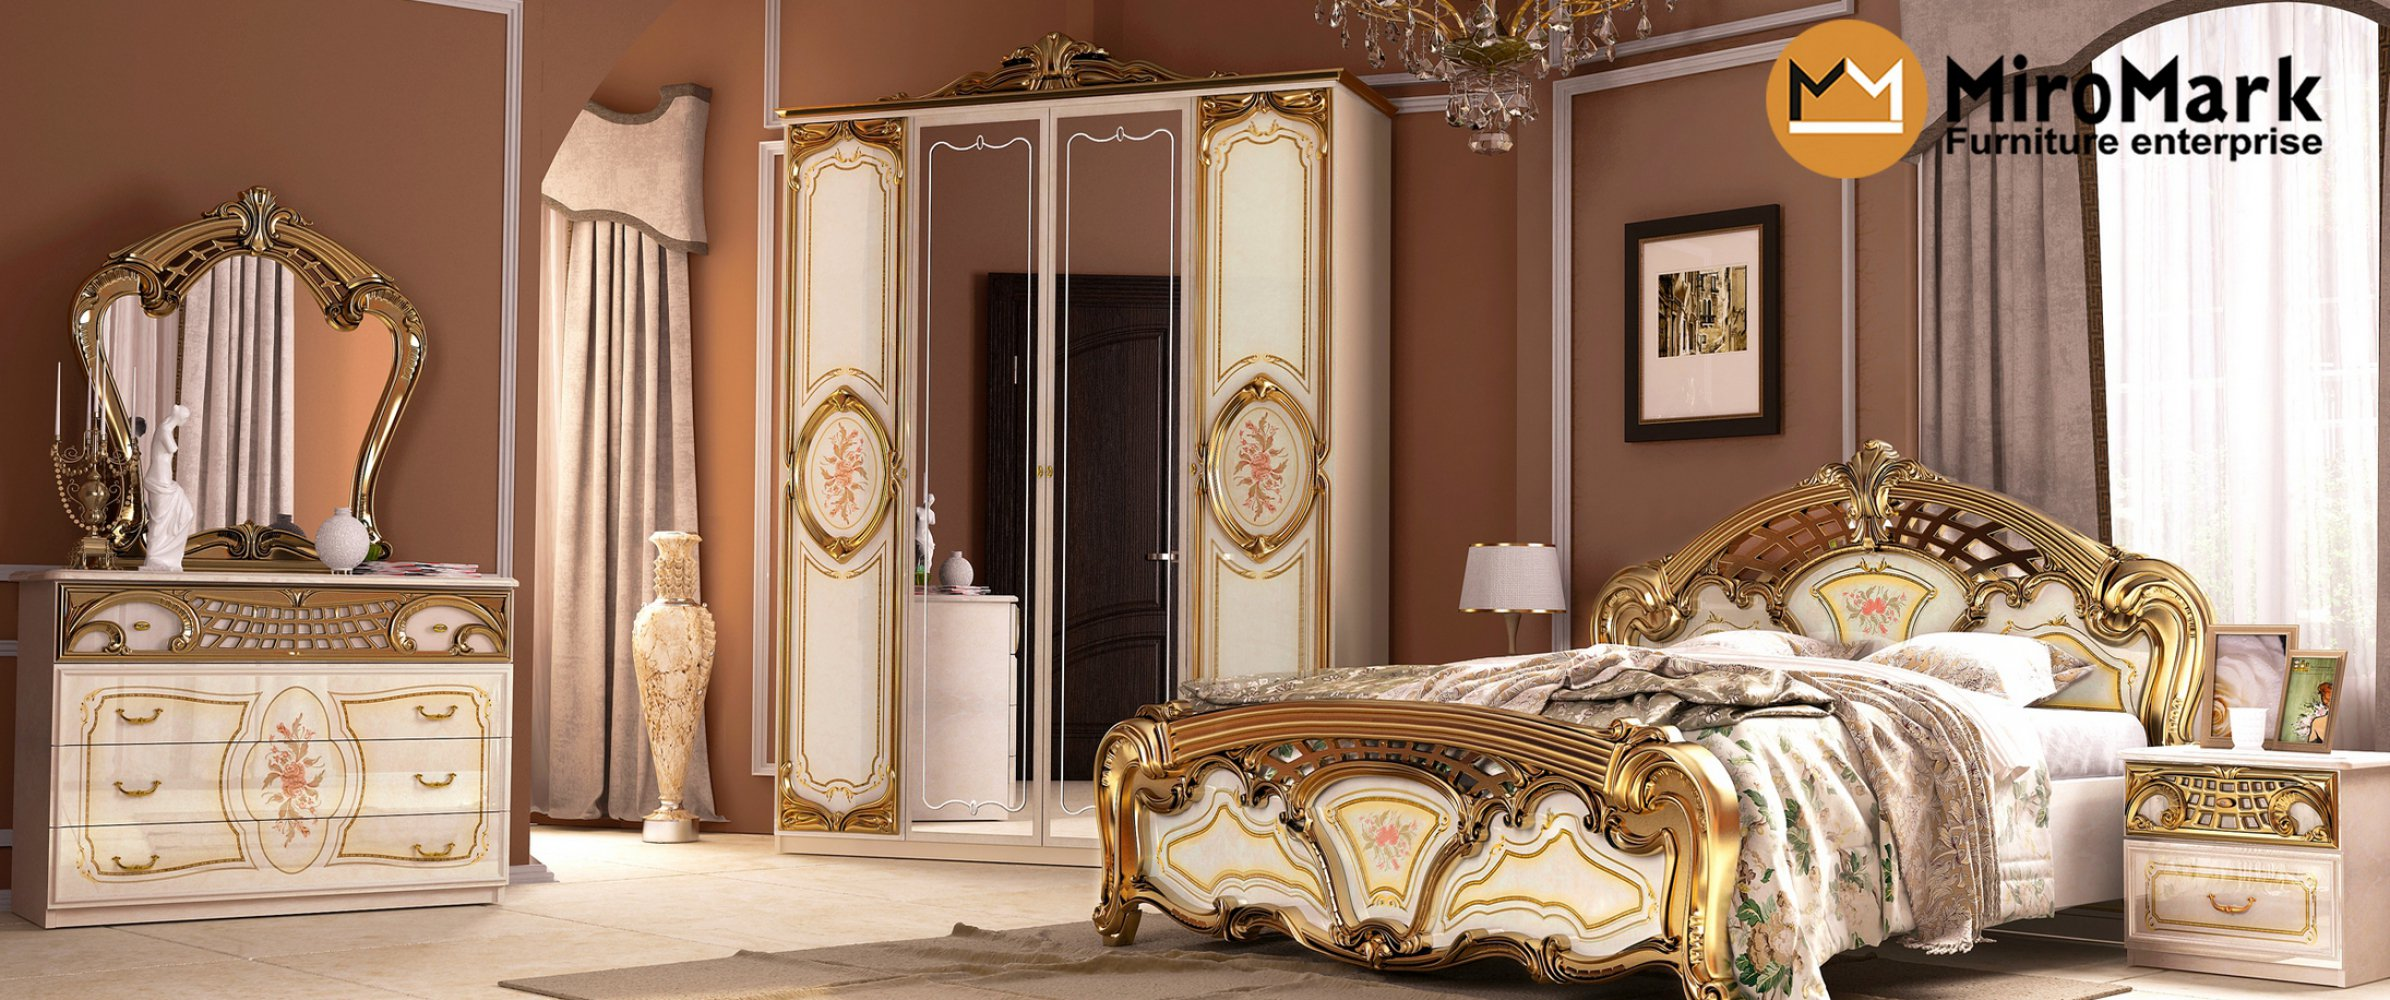 спальня реджина Gold Miromark корпусная мебель продукция